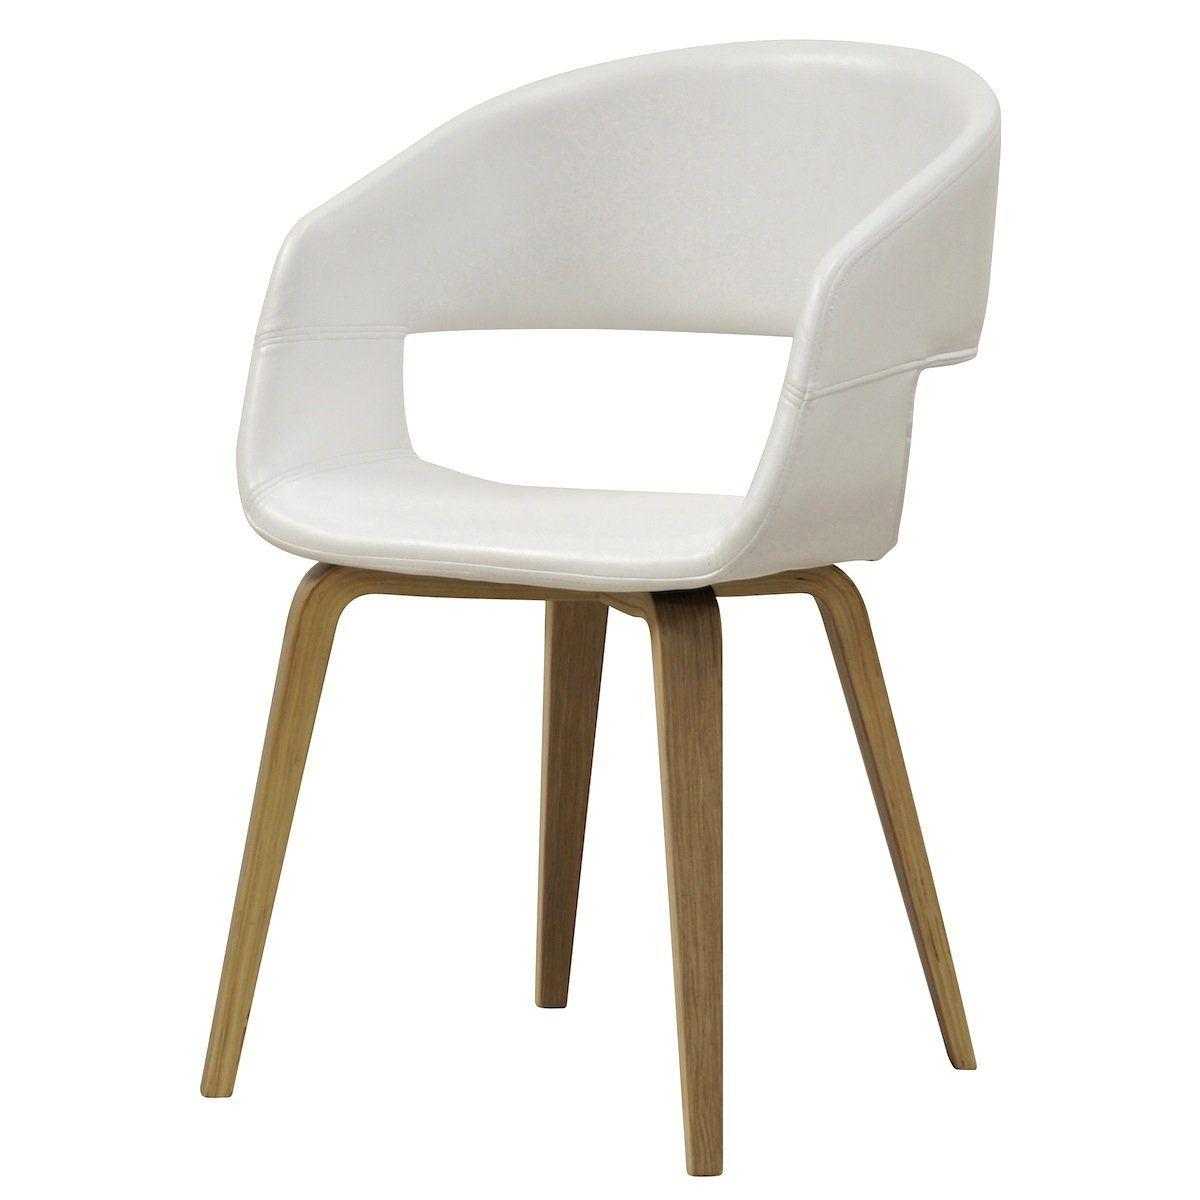 Stuhl weiss kuche - Ikea puppenhaus mobel ...